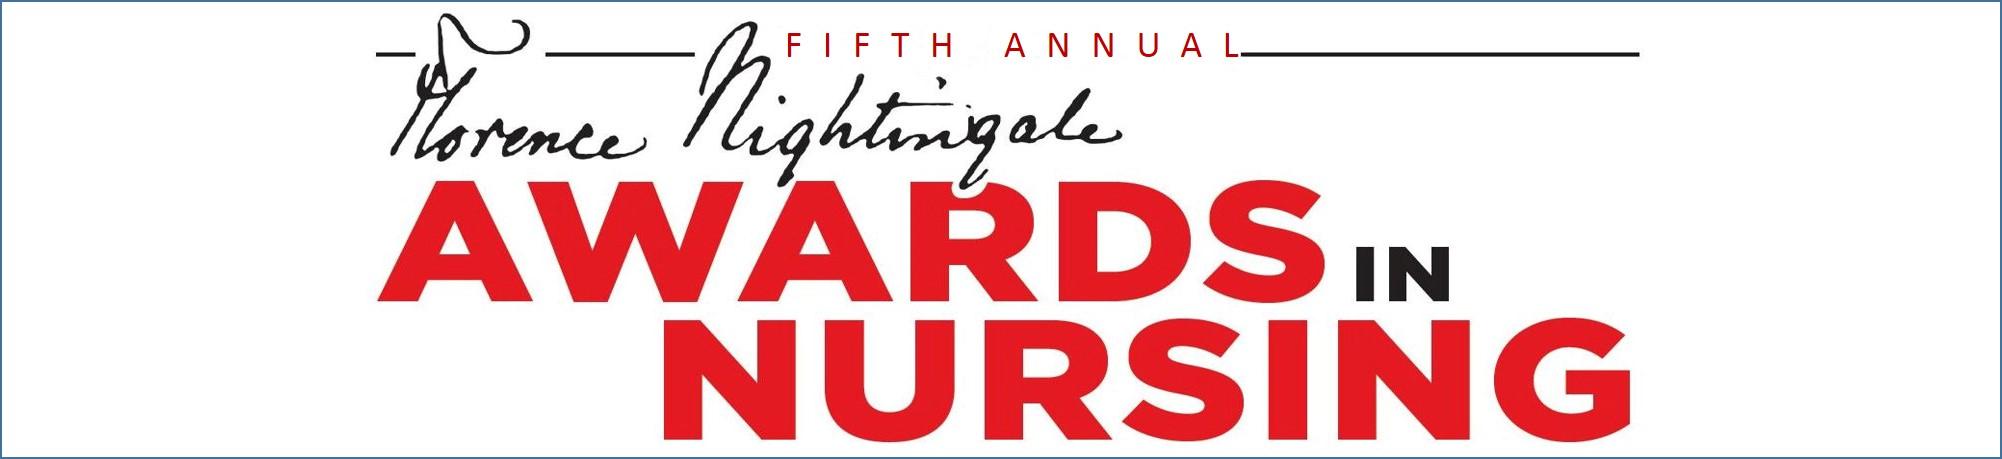 2018 Florence Nightingale Awards Logo